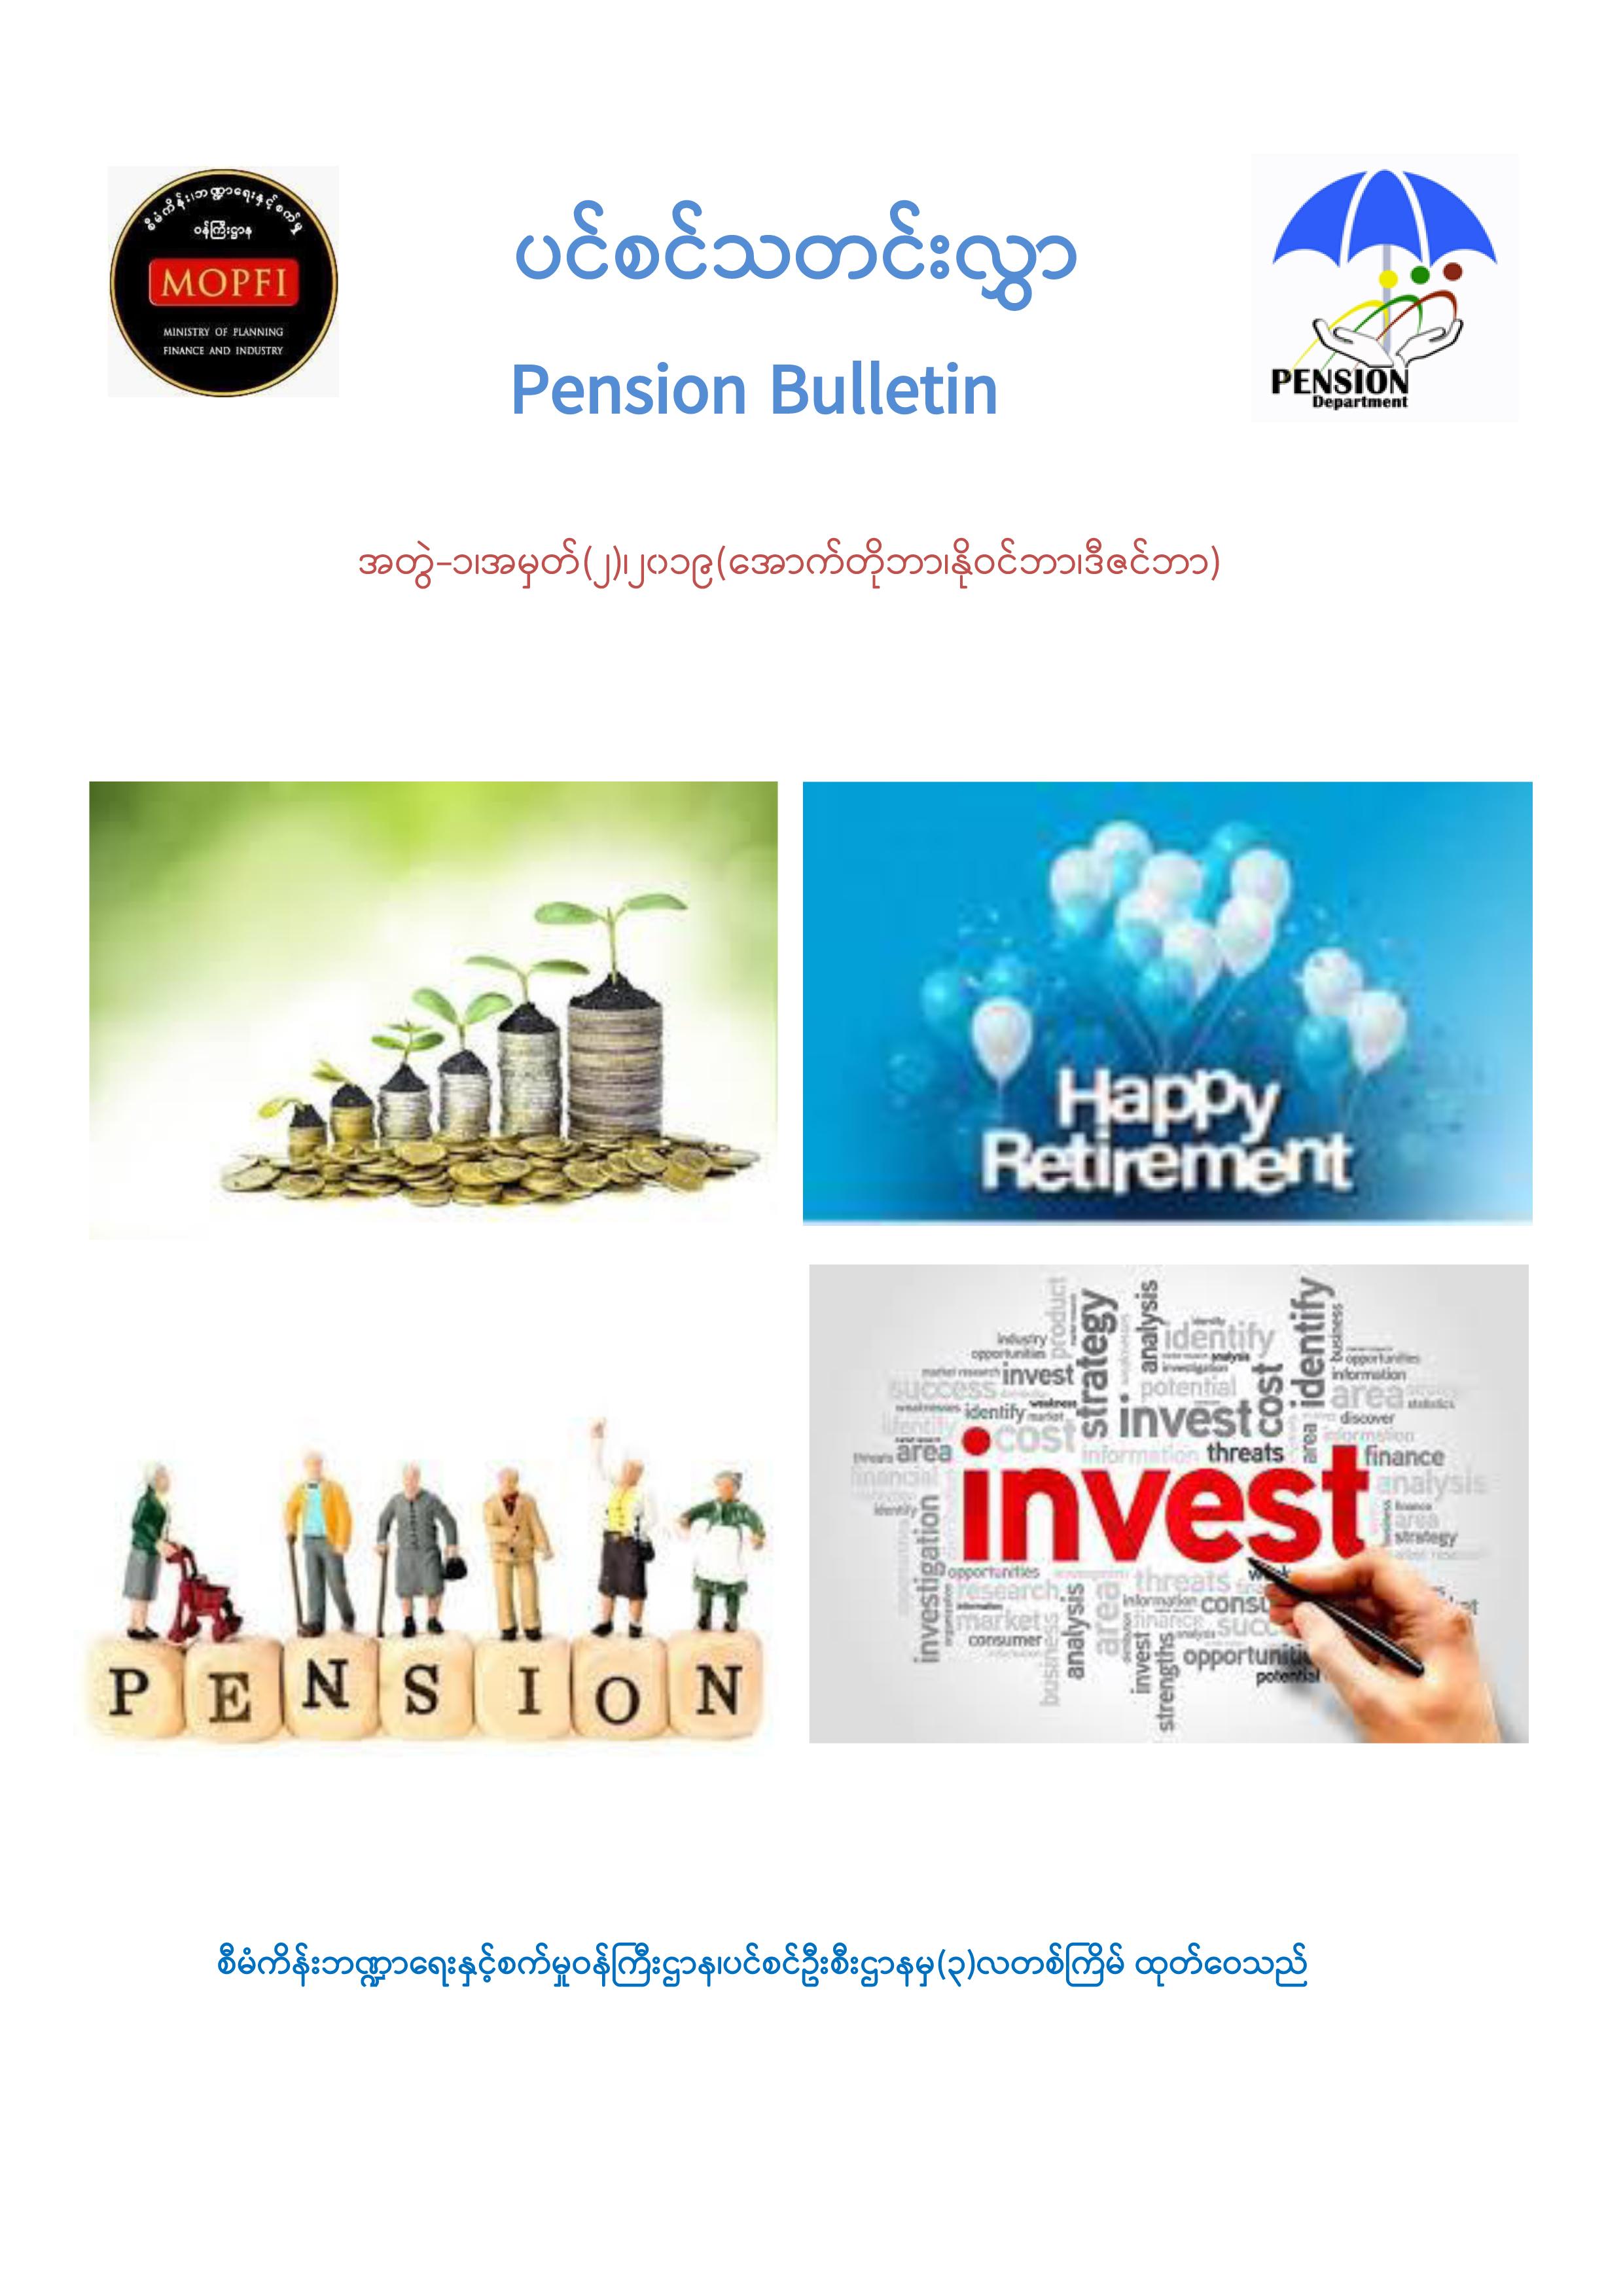 ပင်စင်သတင်းလွှာ Pension Bulletin အတွဲ -၁၊ အမှတ် (၂) ၂၀၁၉ခုနှစ်၊ ဒီဇင်ဘာလ (၃၁)ရက် ပင်စင်ဦးစီးဌာနမှ (၃)လတစ်ကြိမ် ထုတ်ဝေသည်။